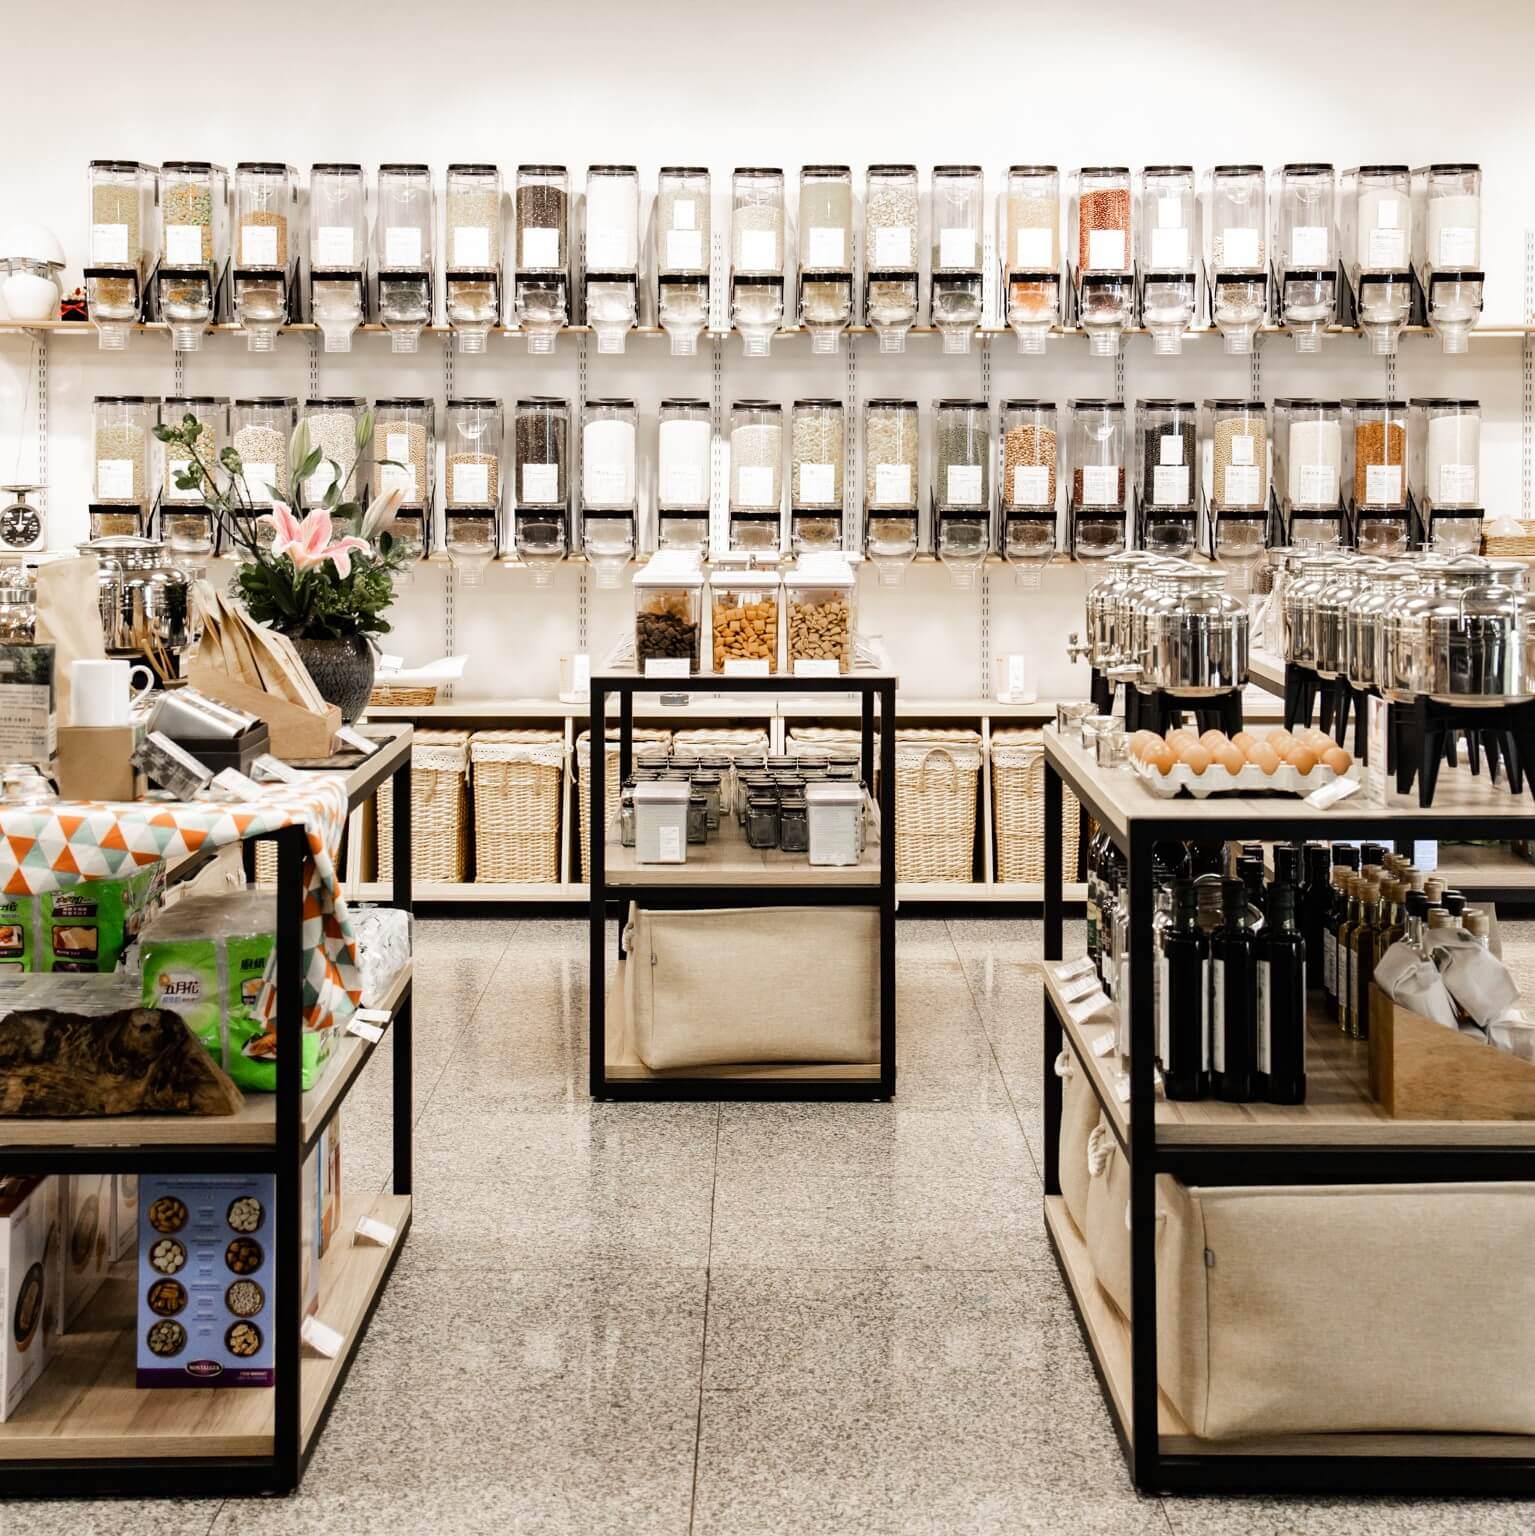 時下流行「走塑」商店,顧客需自備環保袋和容器承載貨物,